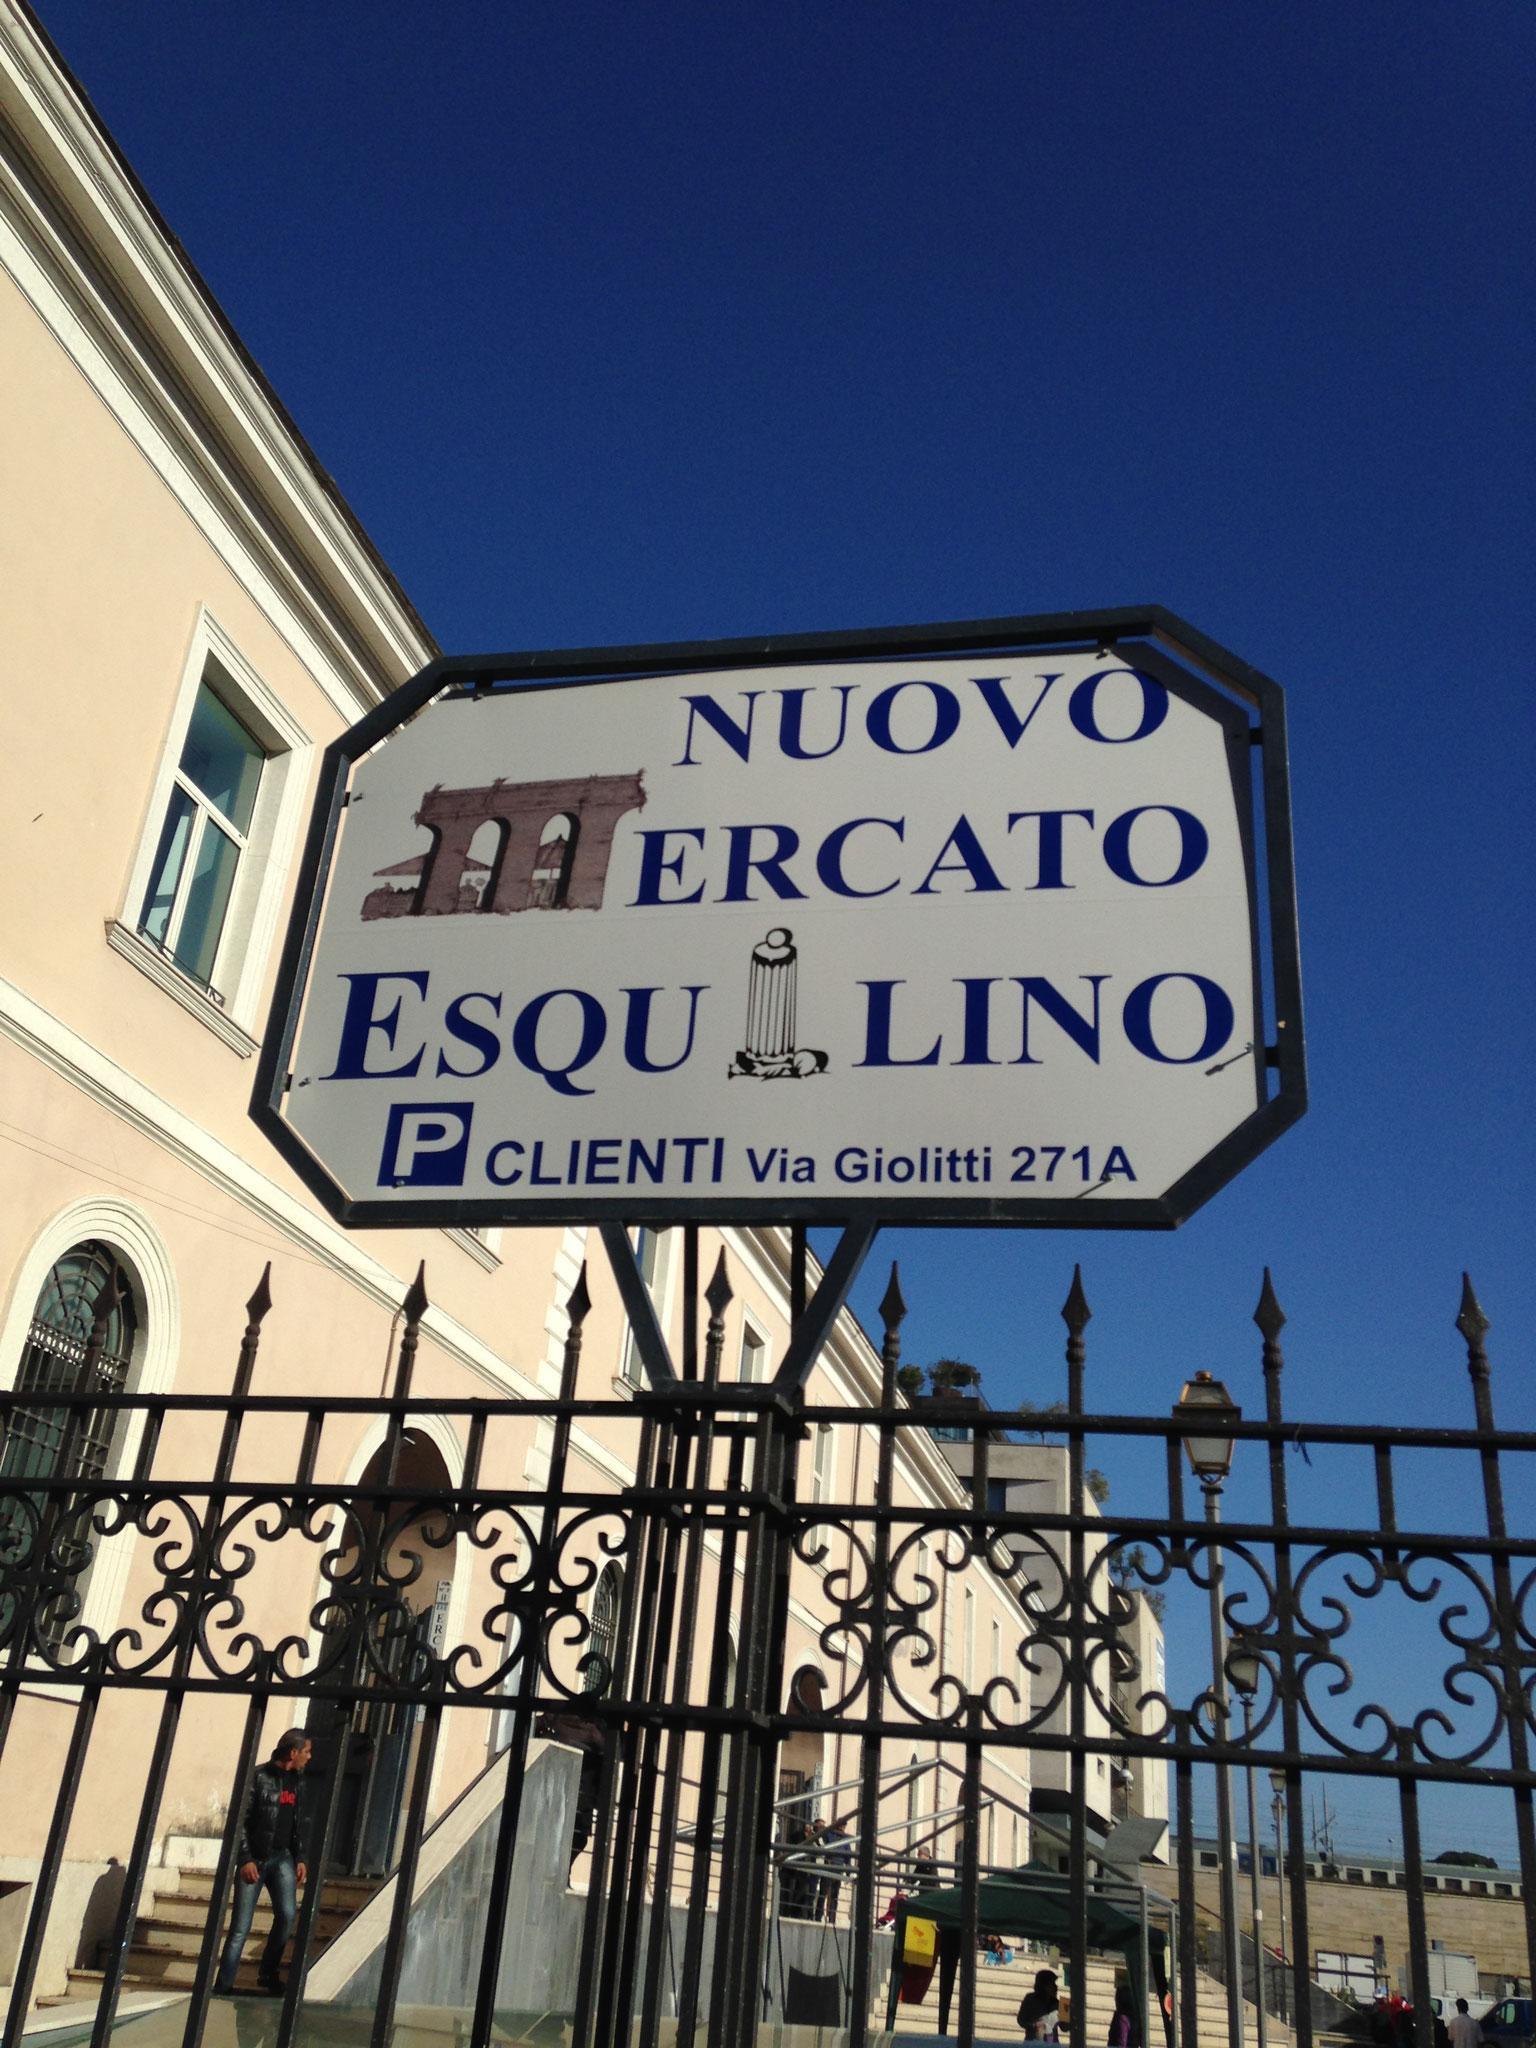 Ein Eingangsschild weist den Weg zum überdachten Mercato Esquilino.